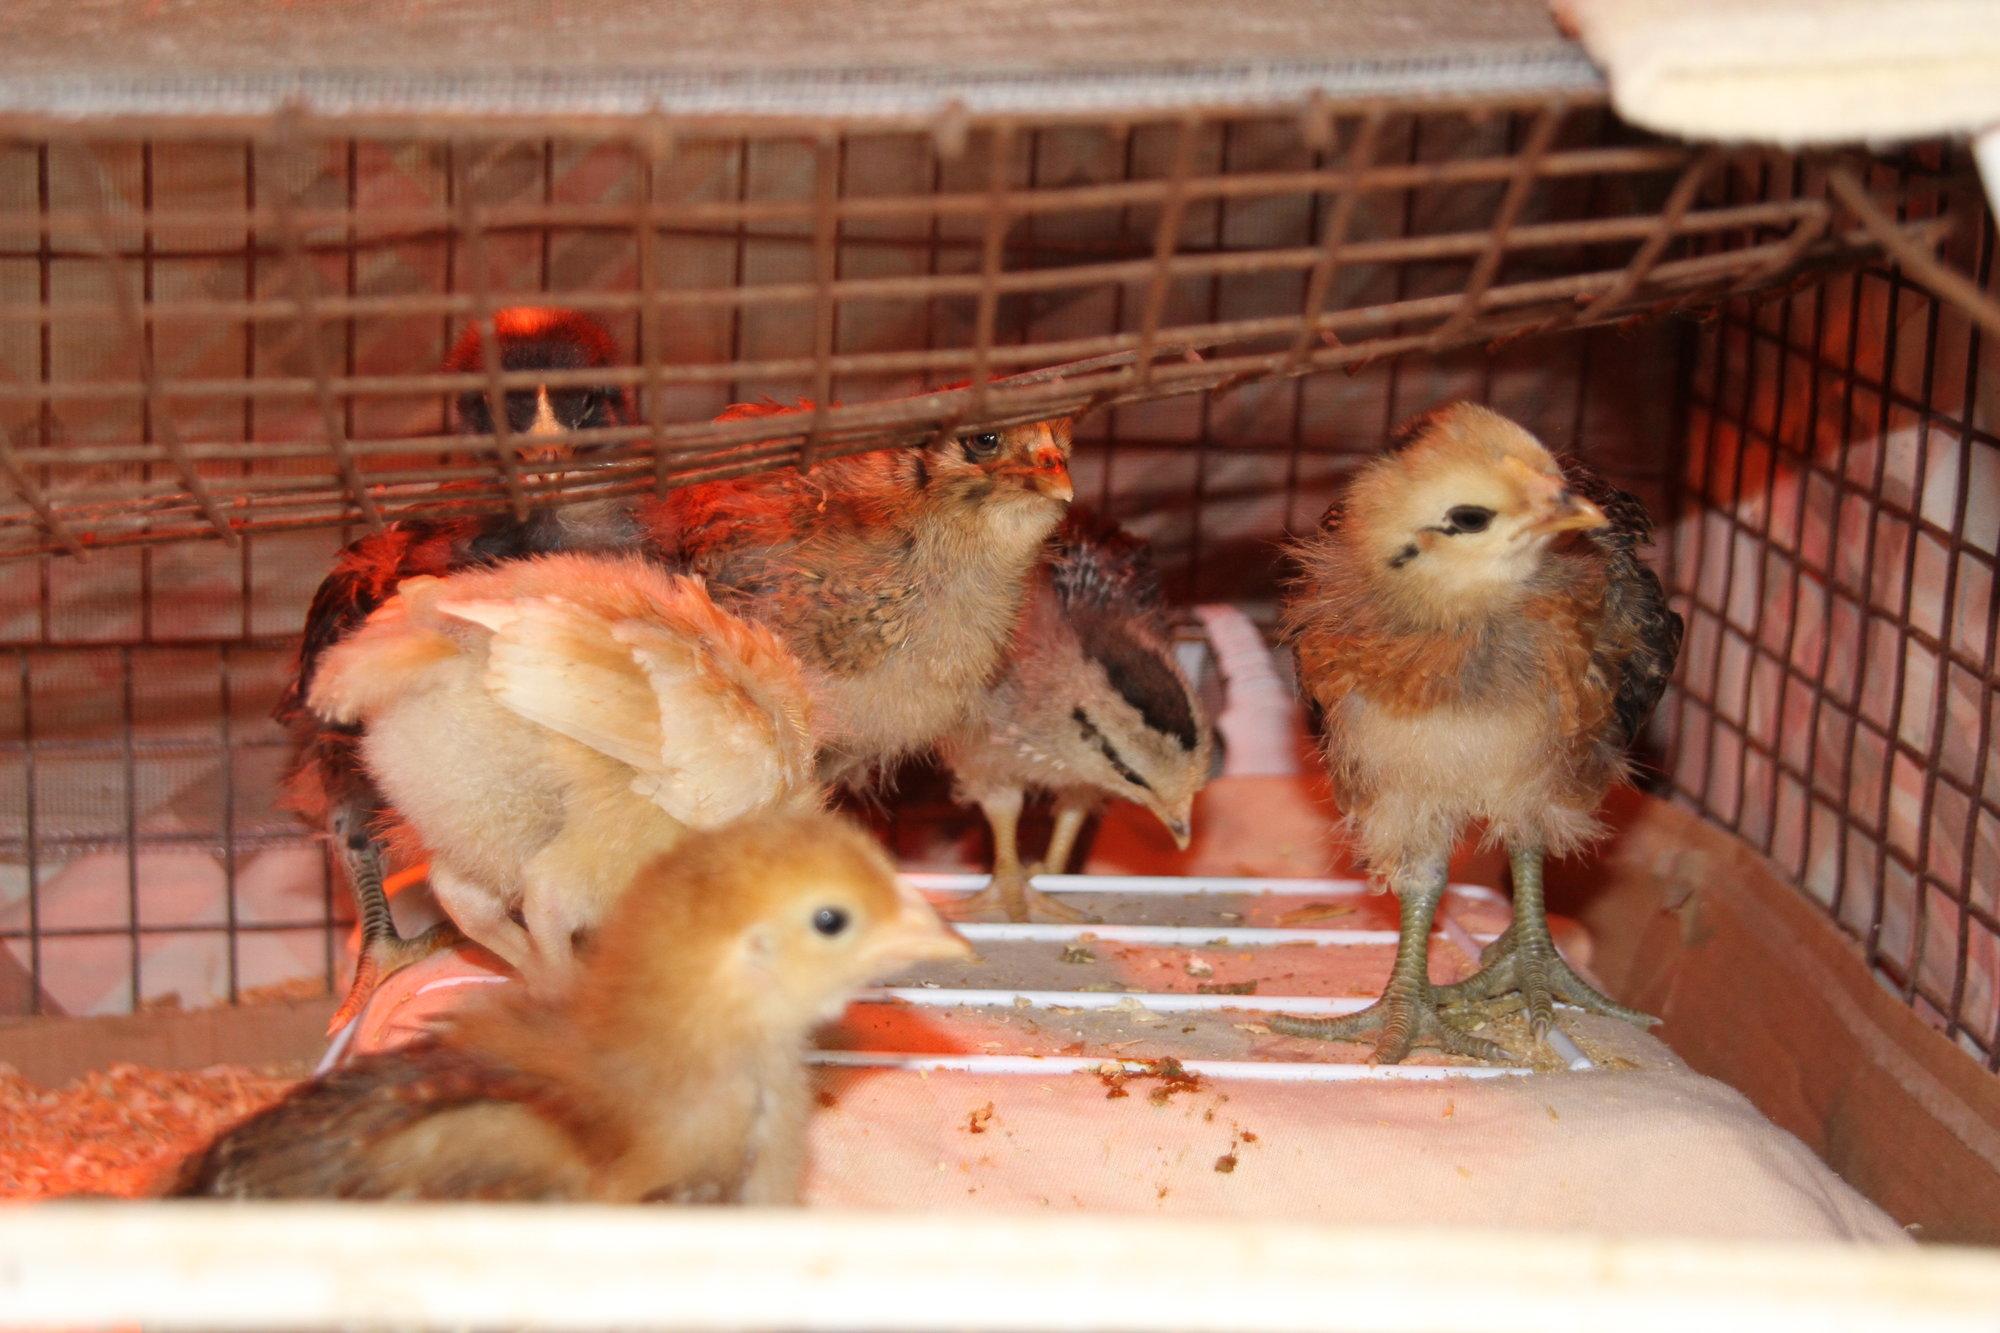 032318_Chickens_07.JPG